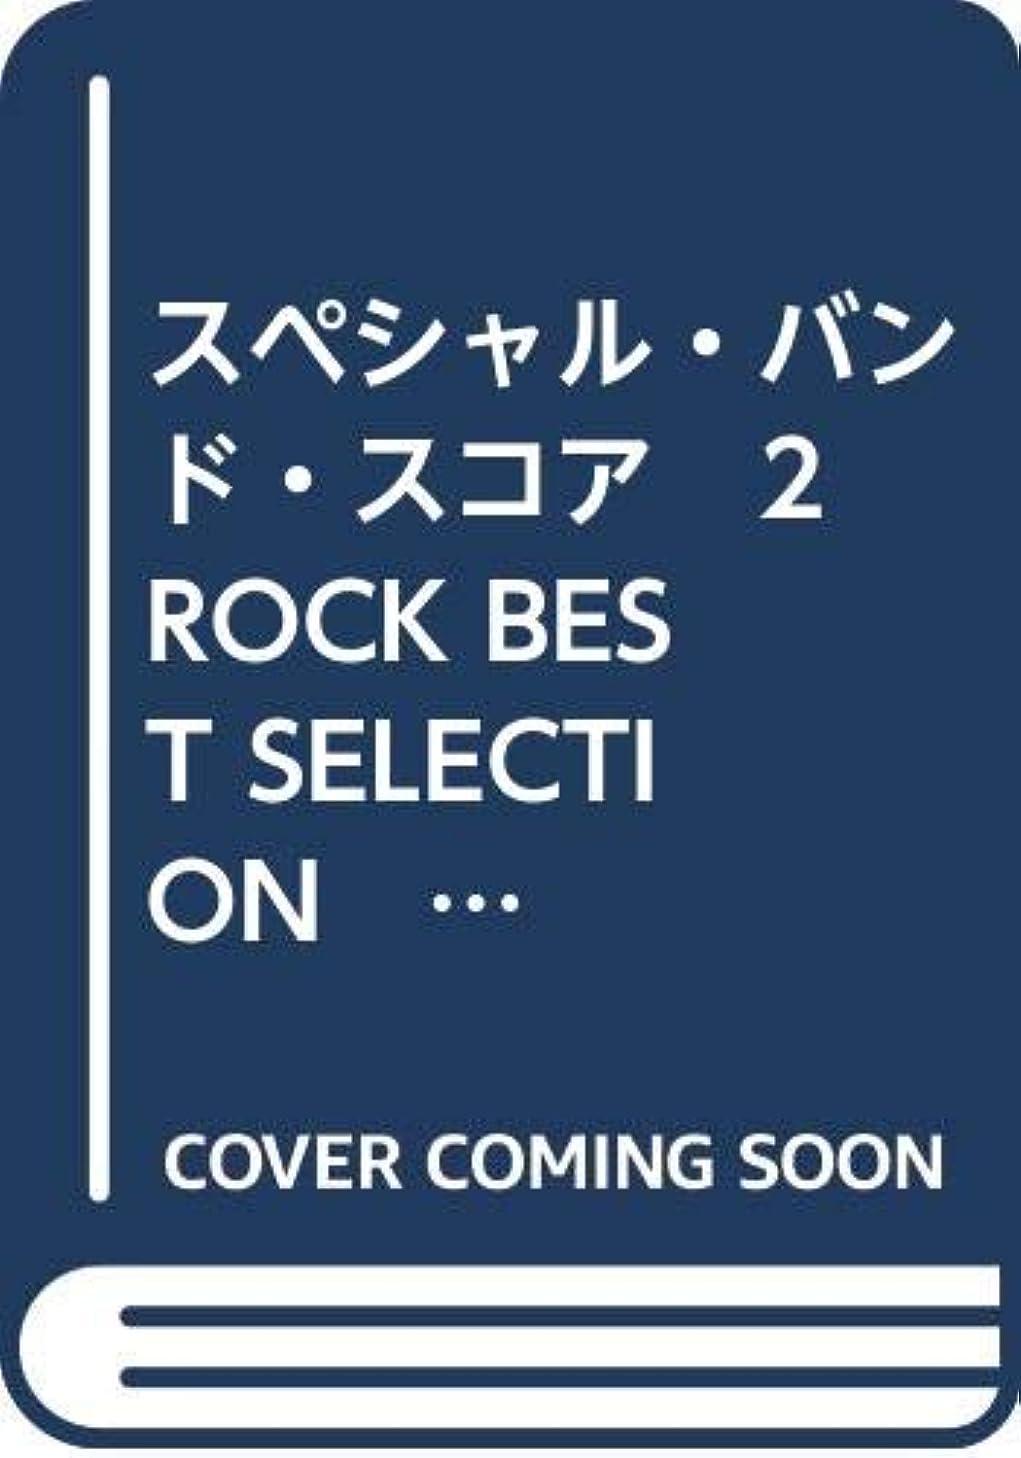 ビジネス成功続編スペシャル?バンド?スコア 2 ROCK BEST SELECTION ボウイ パーソンズ 尾崎豊 レピッシュ ハウンド?ドッグ